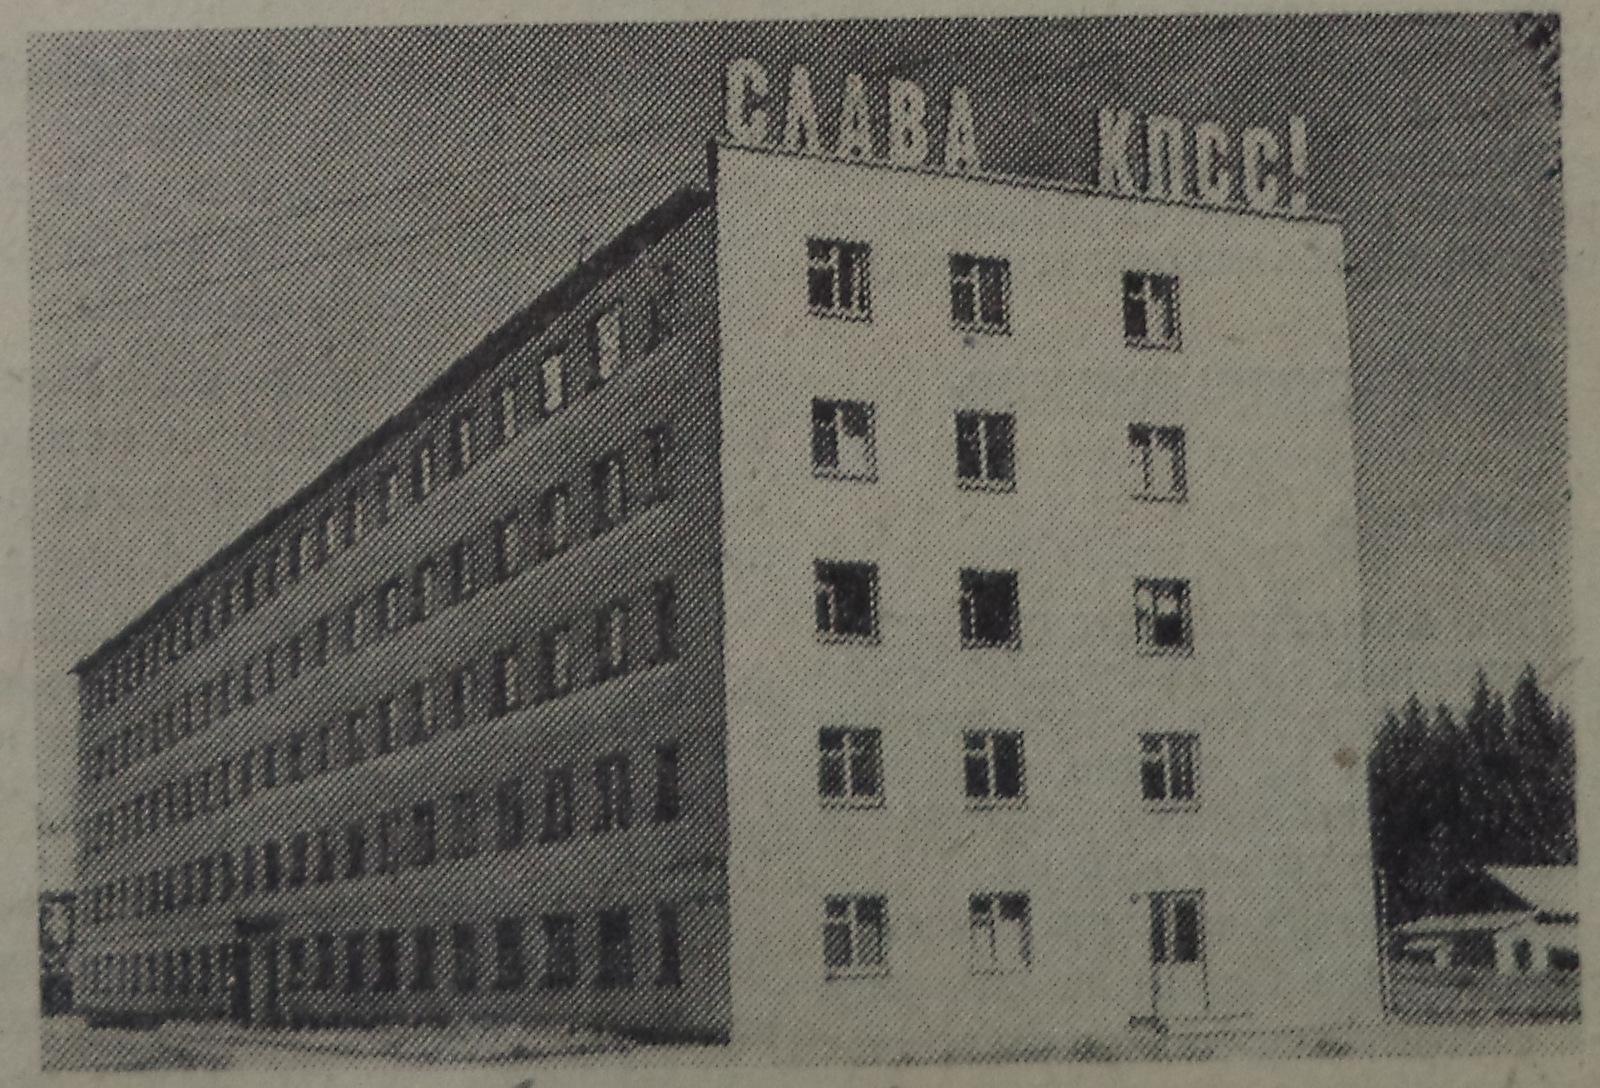 Стадионная-ФОТО-10-За Прогресс-1970-4 сентября-2